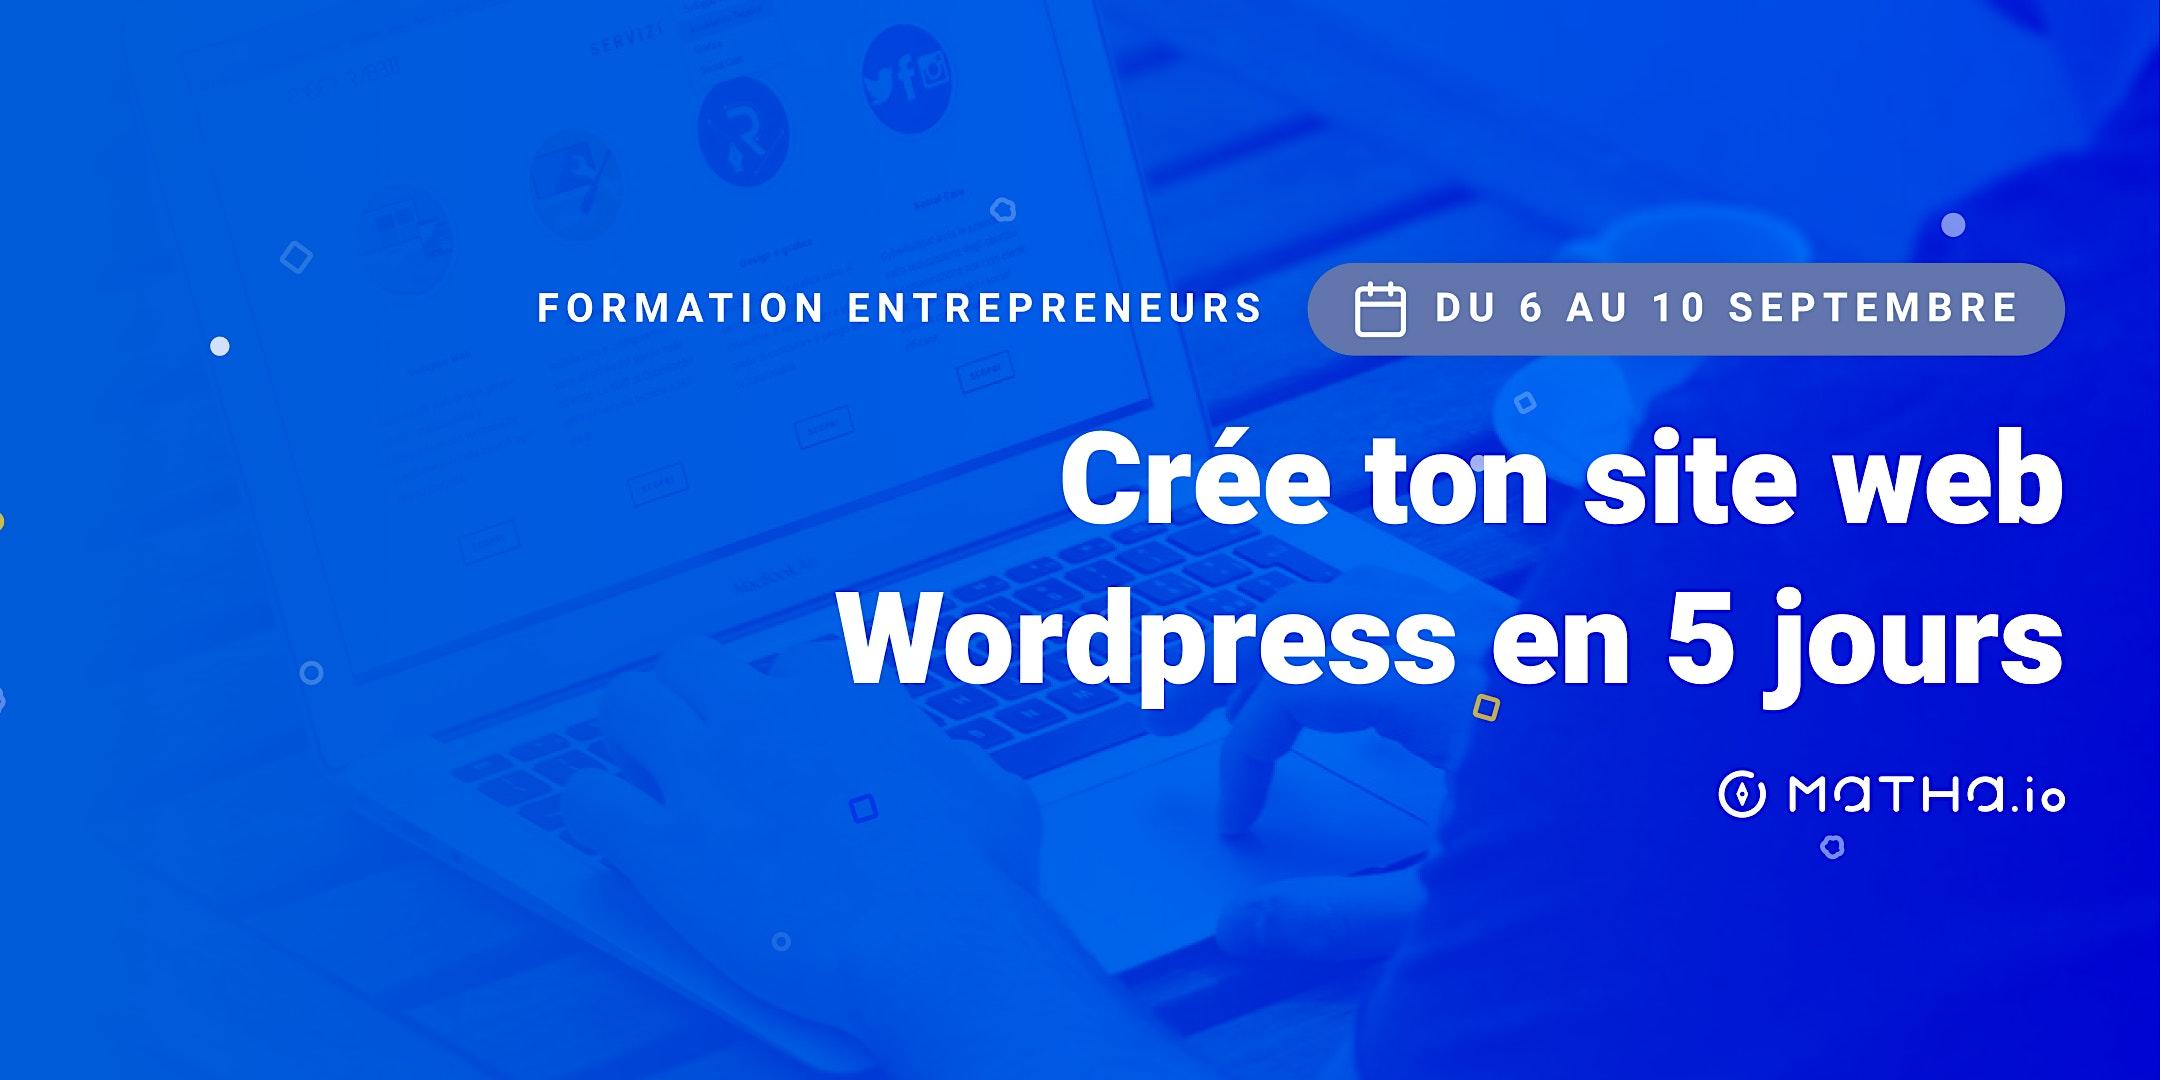 [FORMATION] Crée ton site en 5 jours sur Wordpress (septembre)